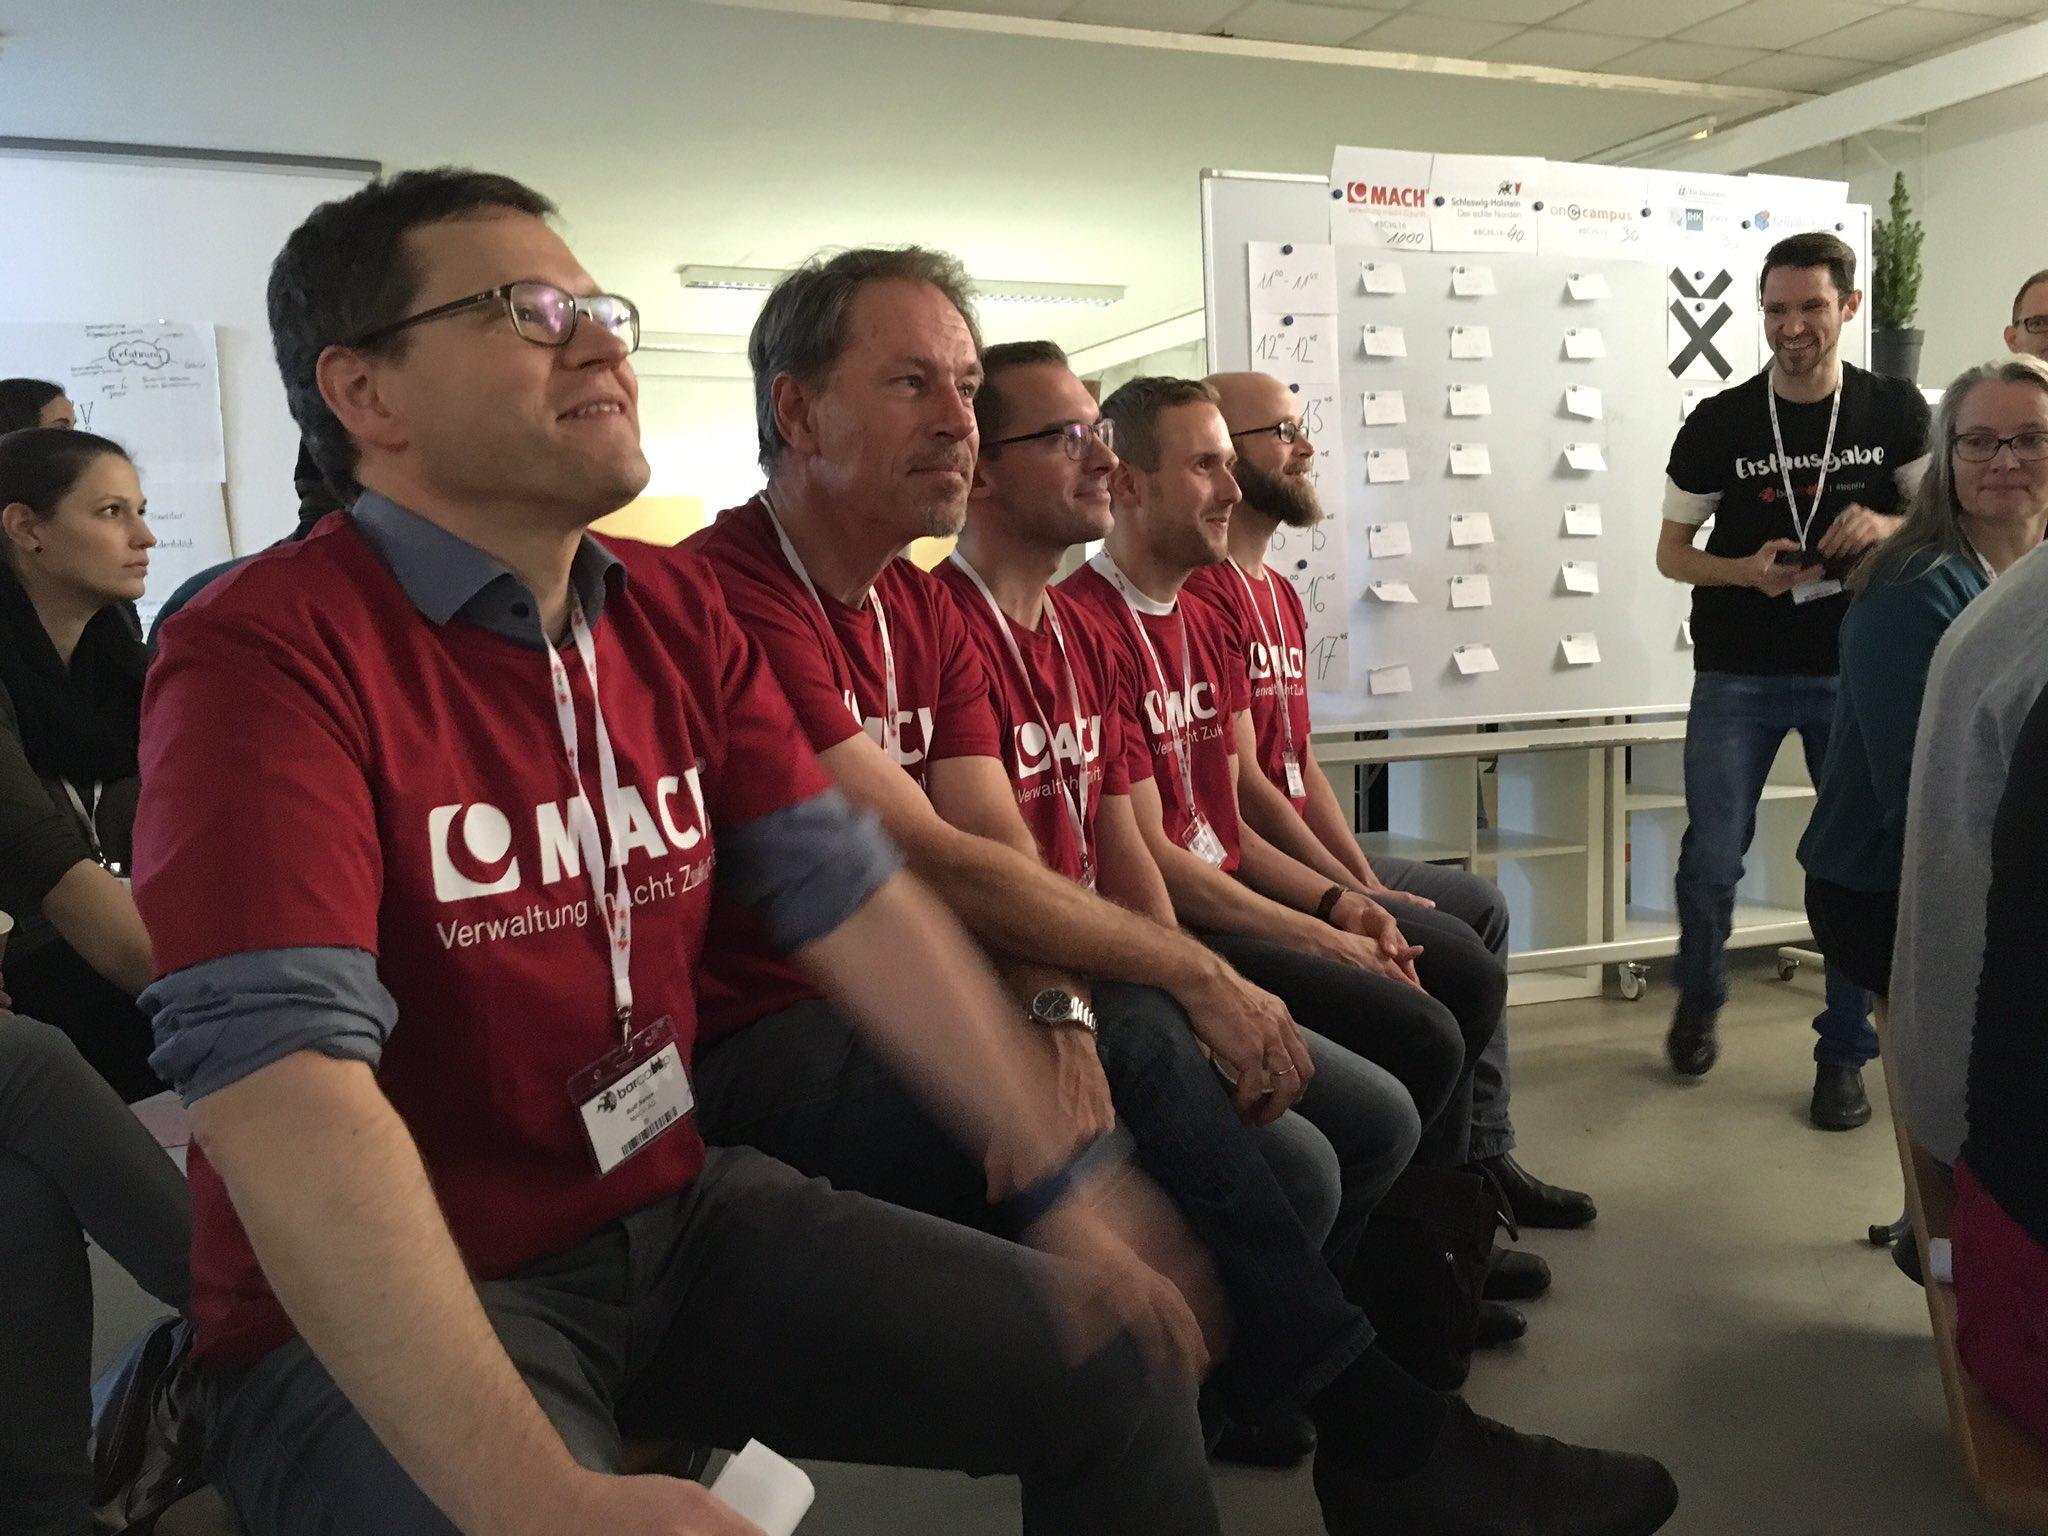 Mach AG ist Sponsor beim #bchl16 und mit einem Team hier. https://t.co/zZXzW2STxr